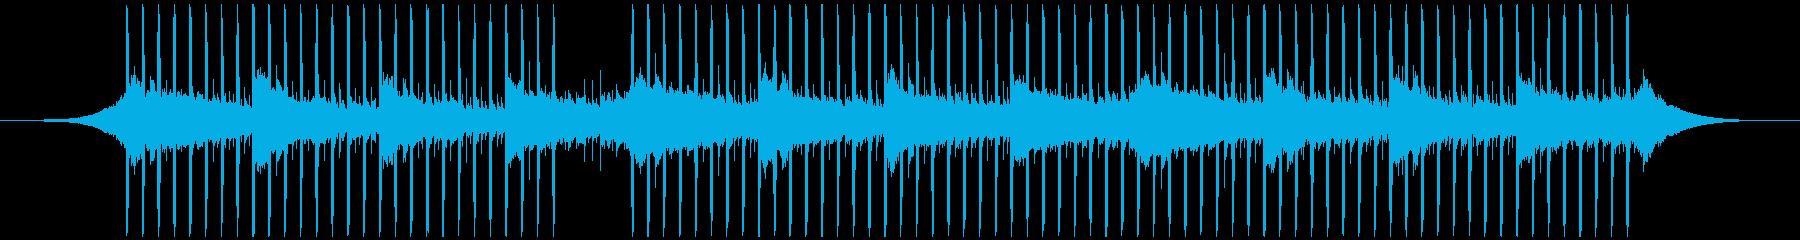 インタビュー(55秒)の再生済みの波形